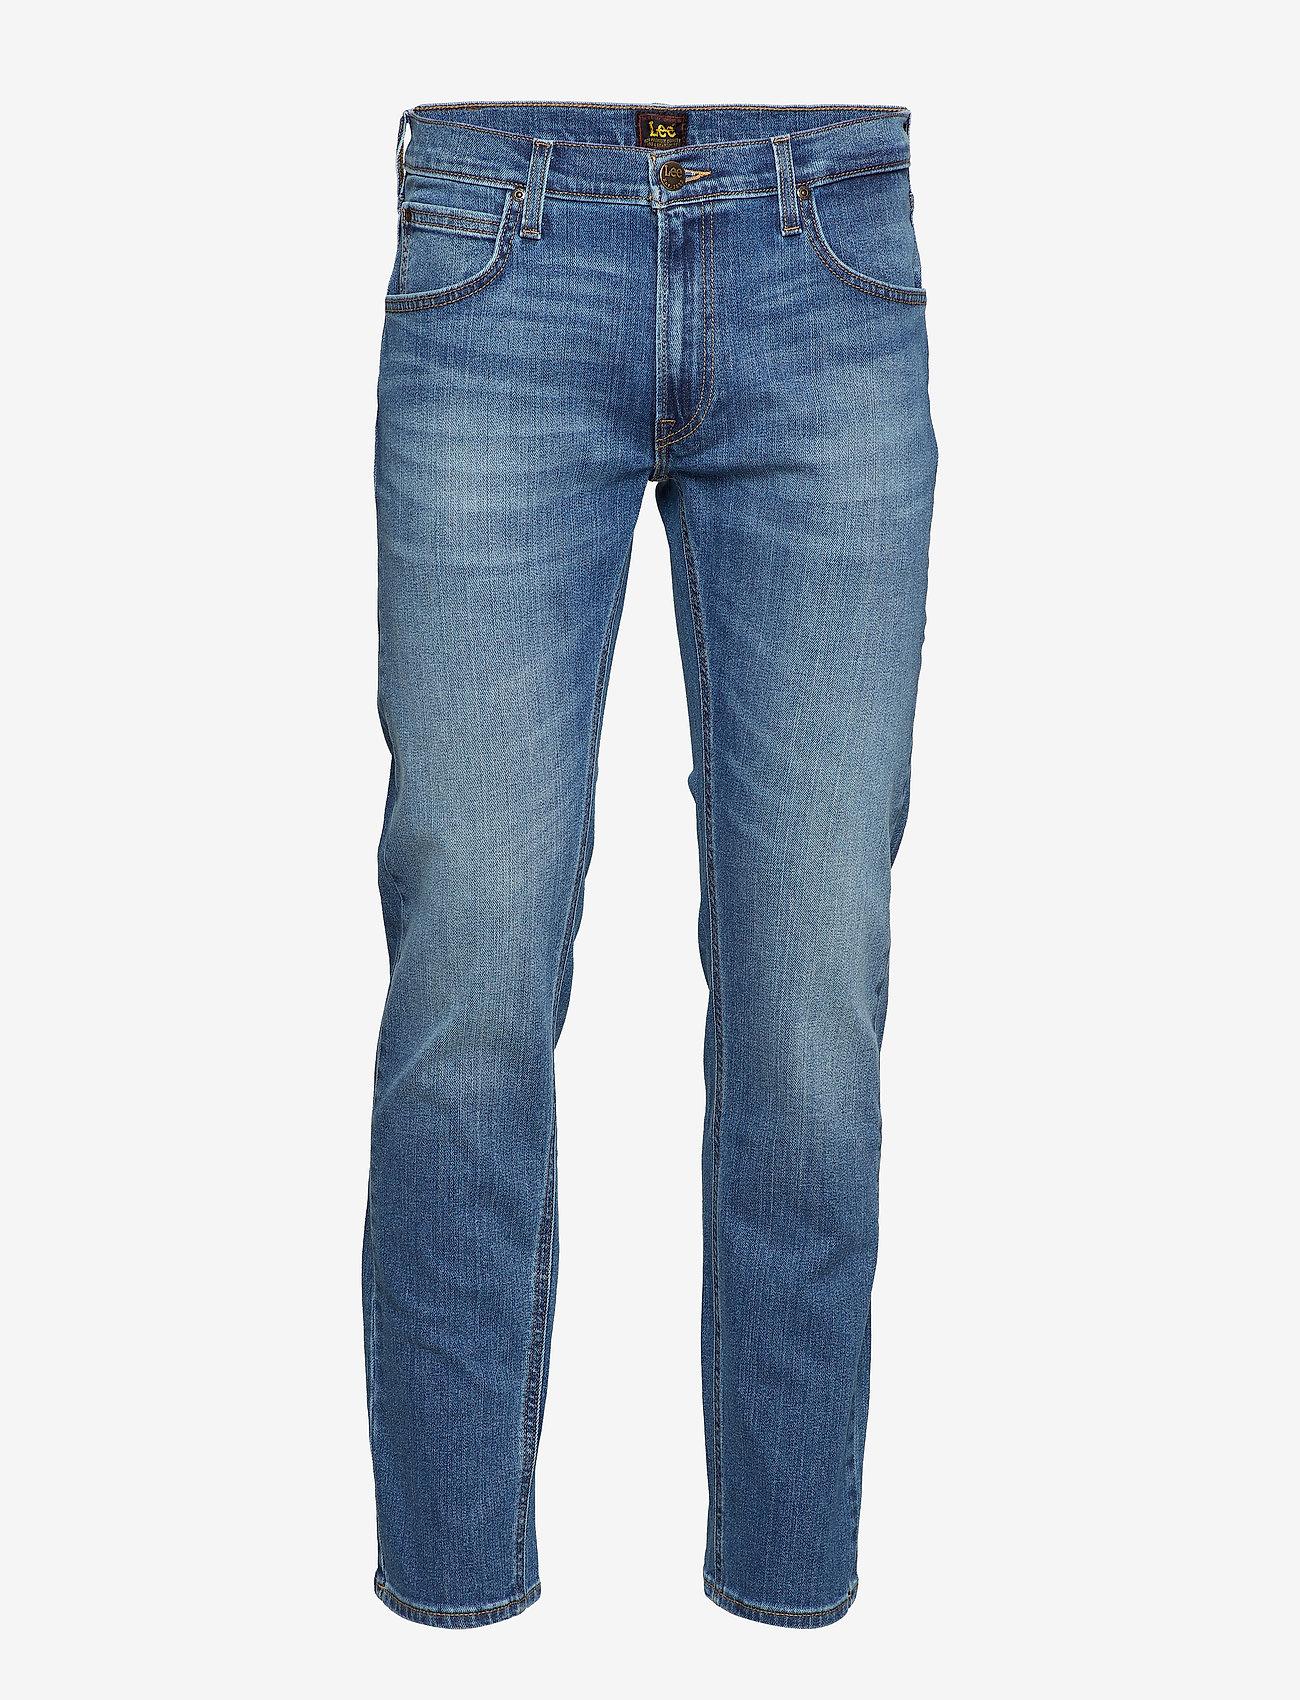 Lee Jeans - DAREN ZIP FLY - slim jeans - broken blue